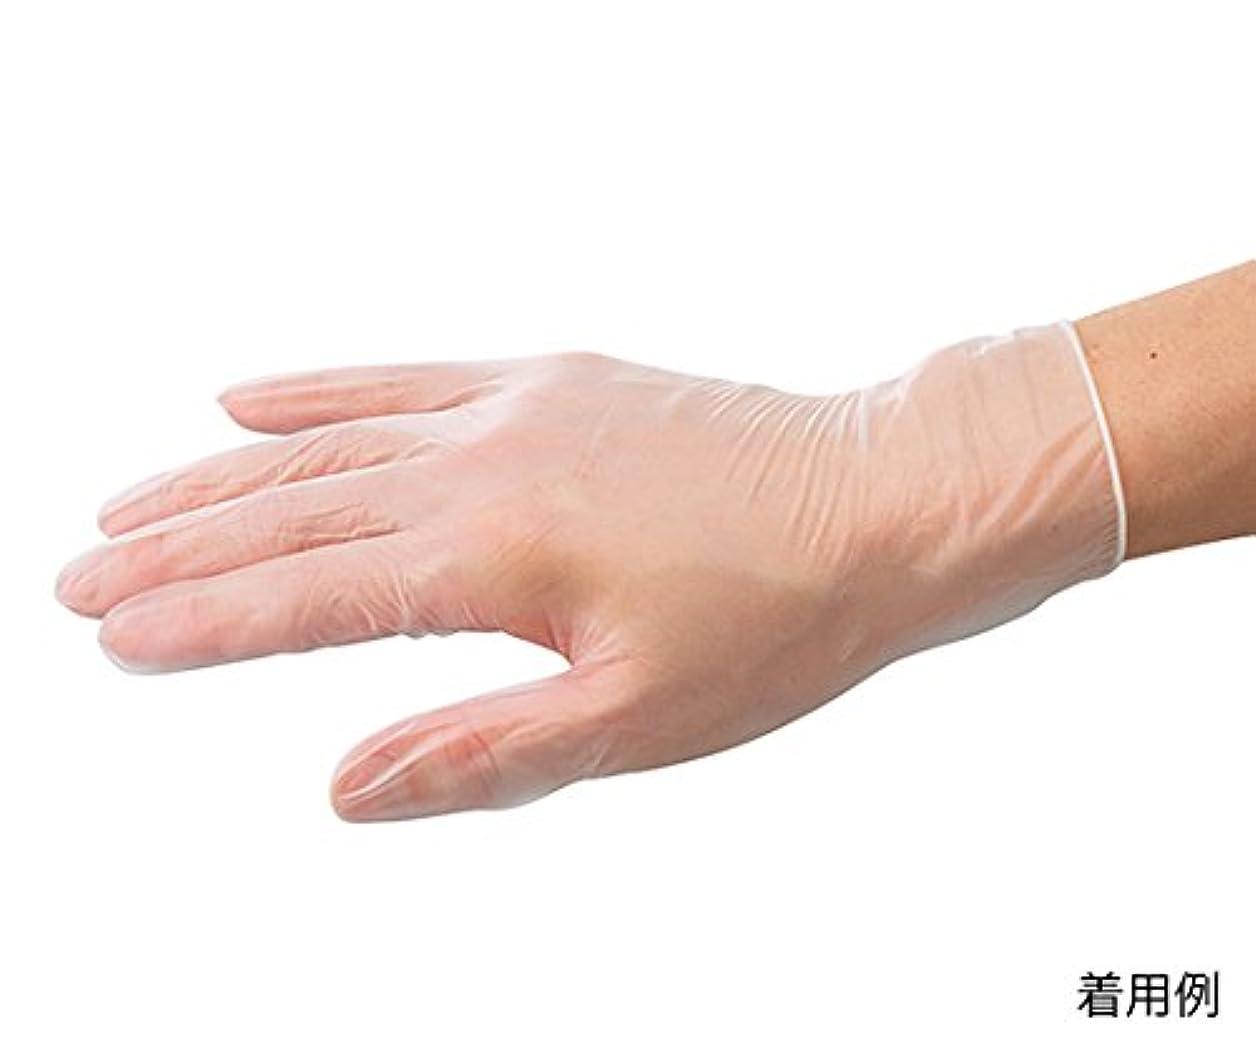 小数ソーシャル不十分ARメディコム?インク?アジアリミテッド7-3726-01バイタルプラスチック手袋(パウダーフリー)S150枚入